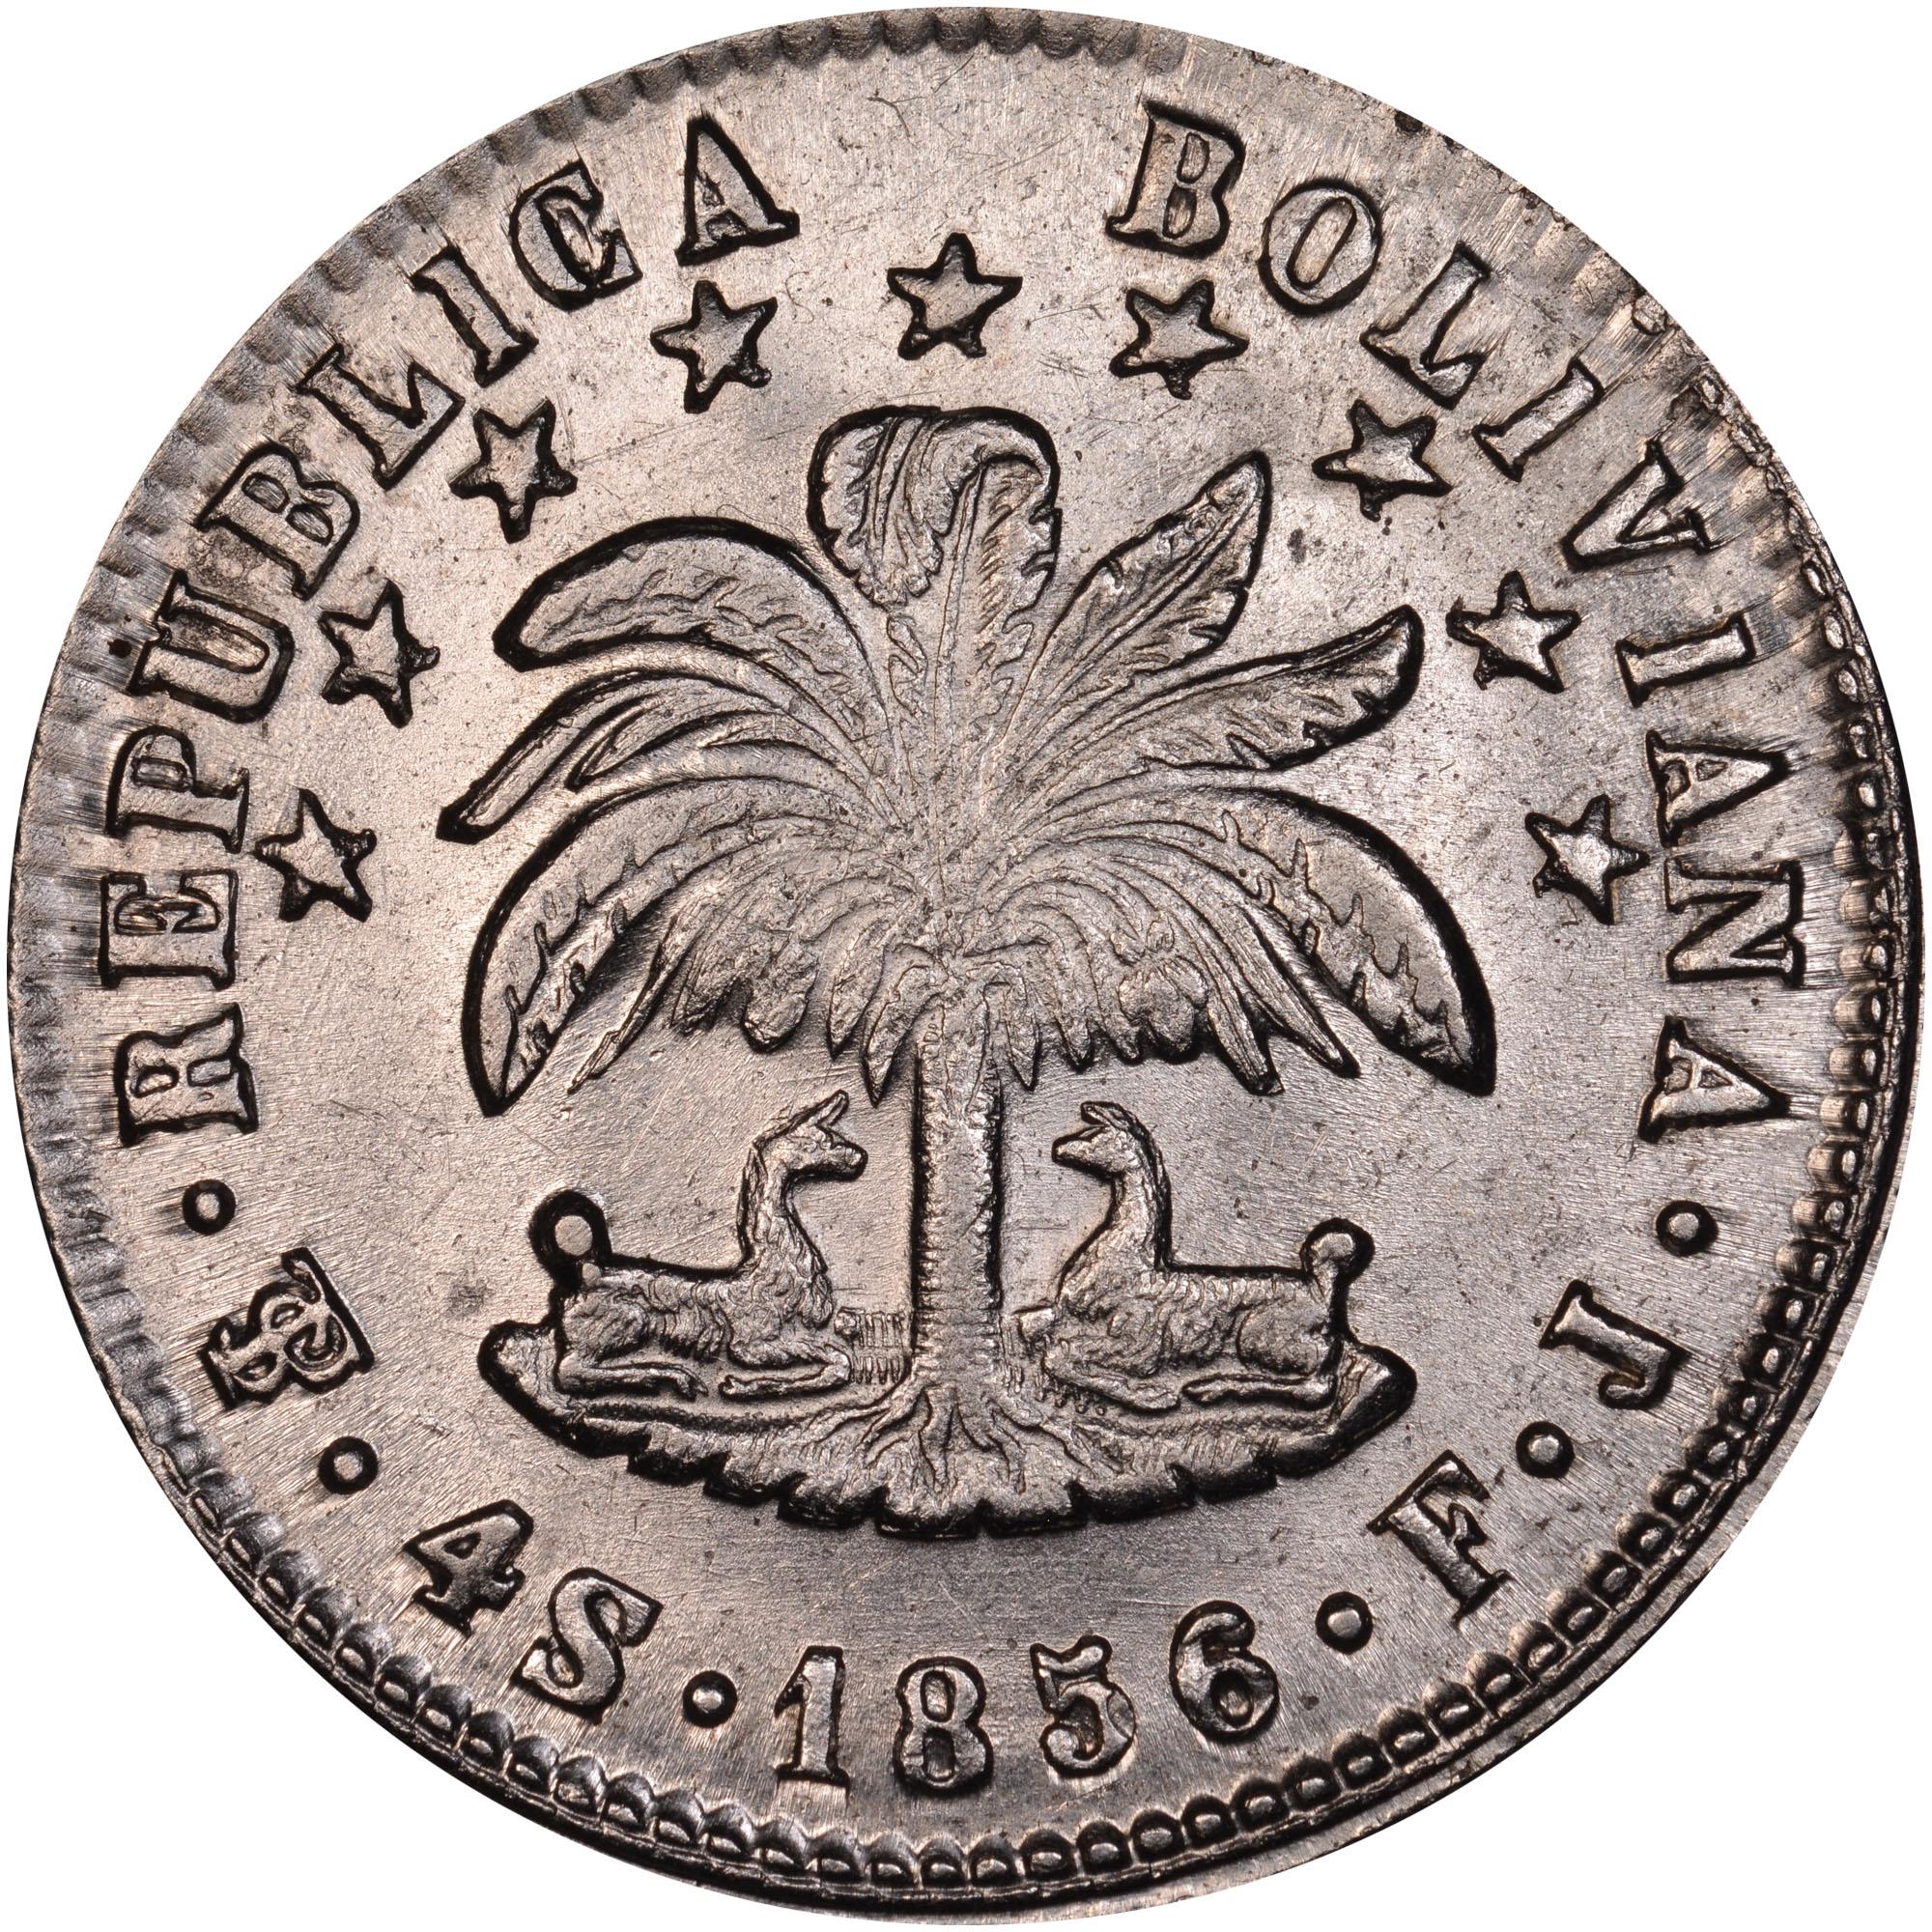 1853-1858 Bolivia 4 Soles obverse